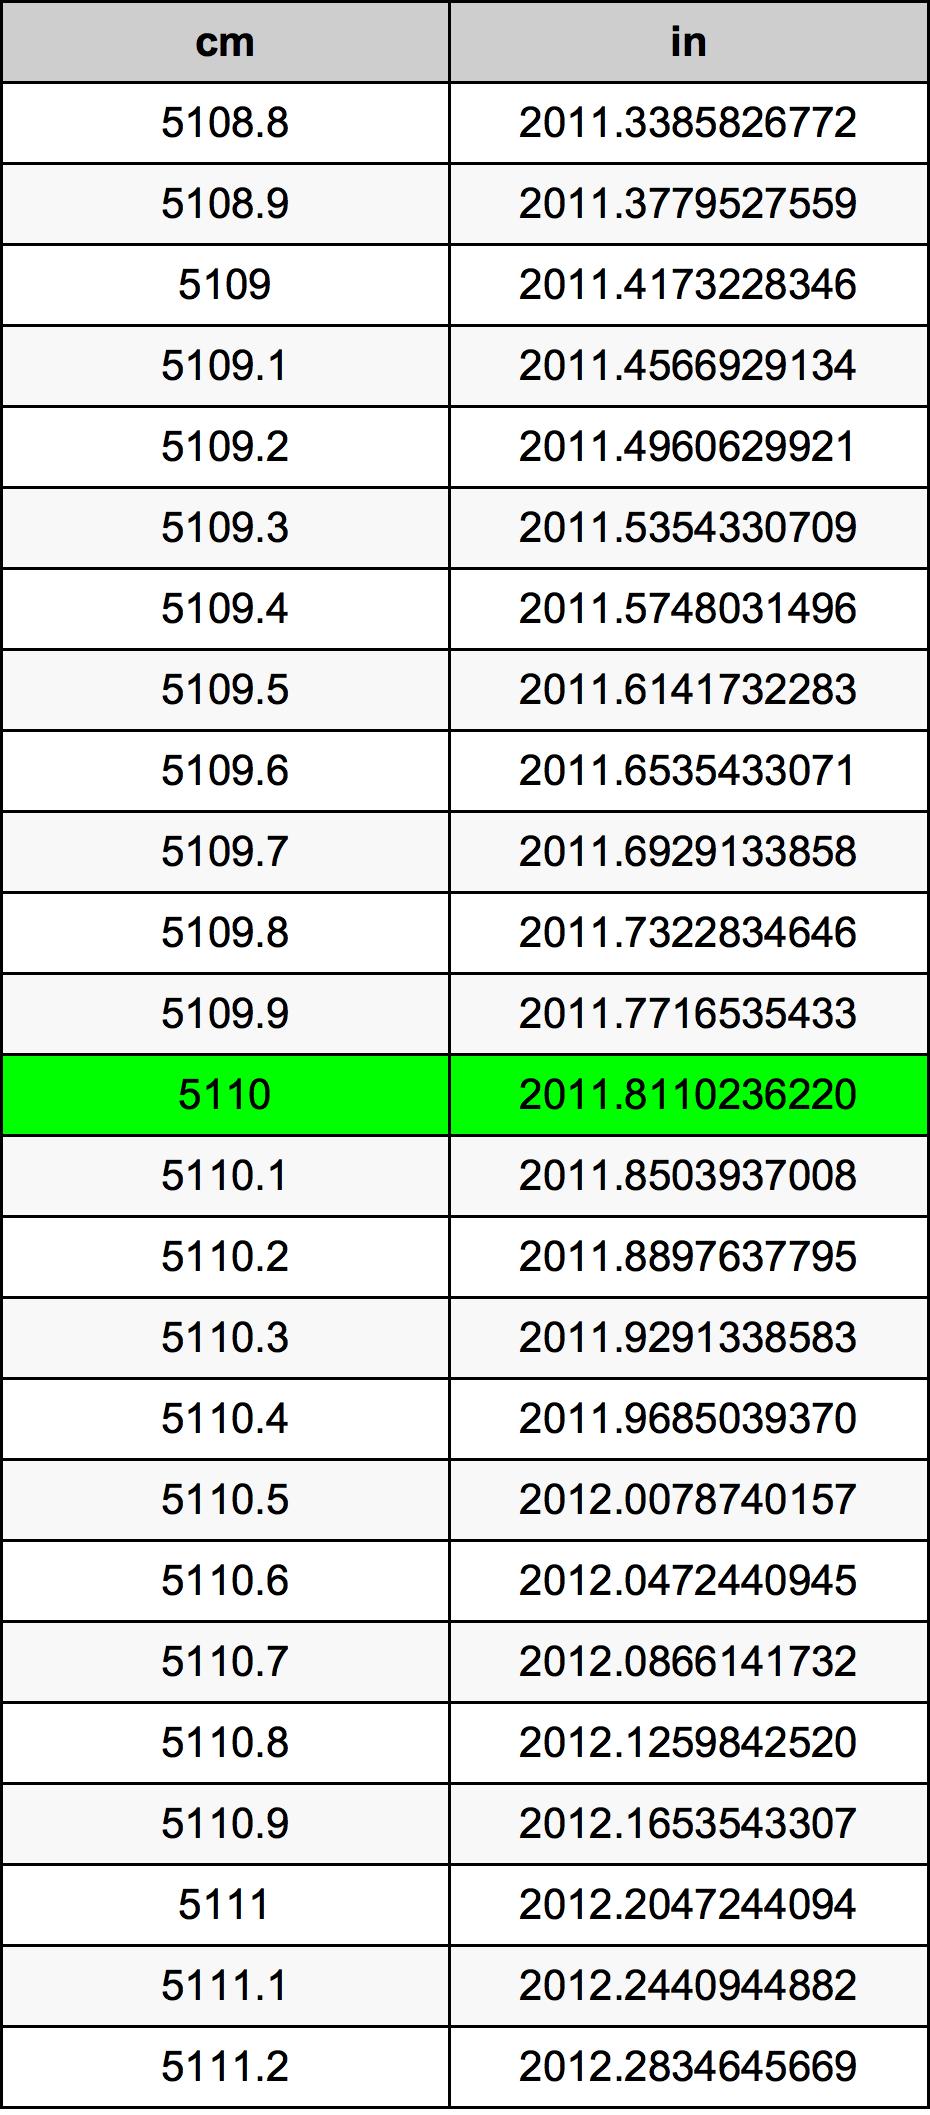 5110 ċentimetru konverżjoni tabella